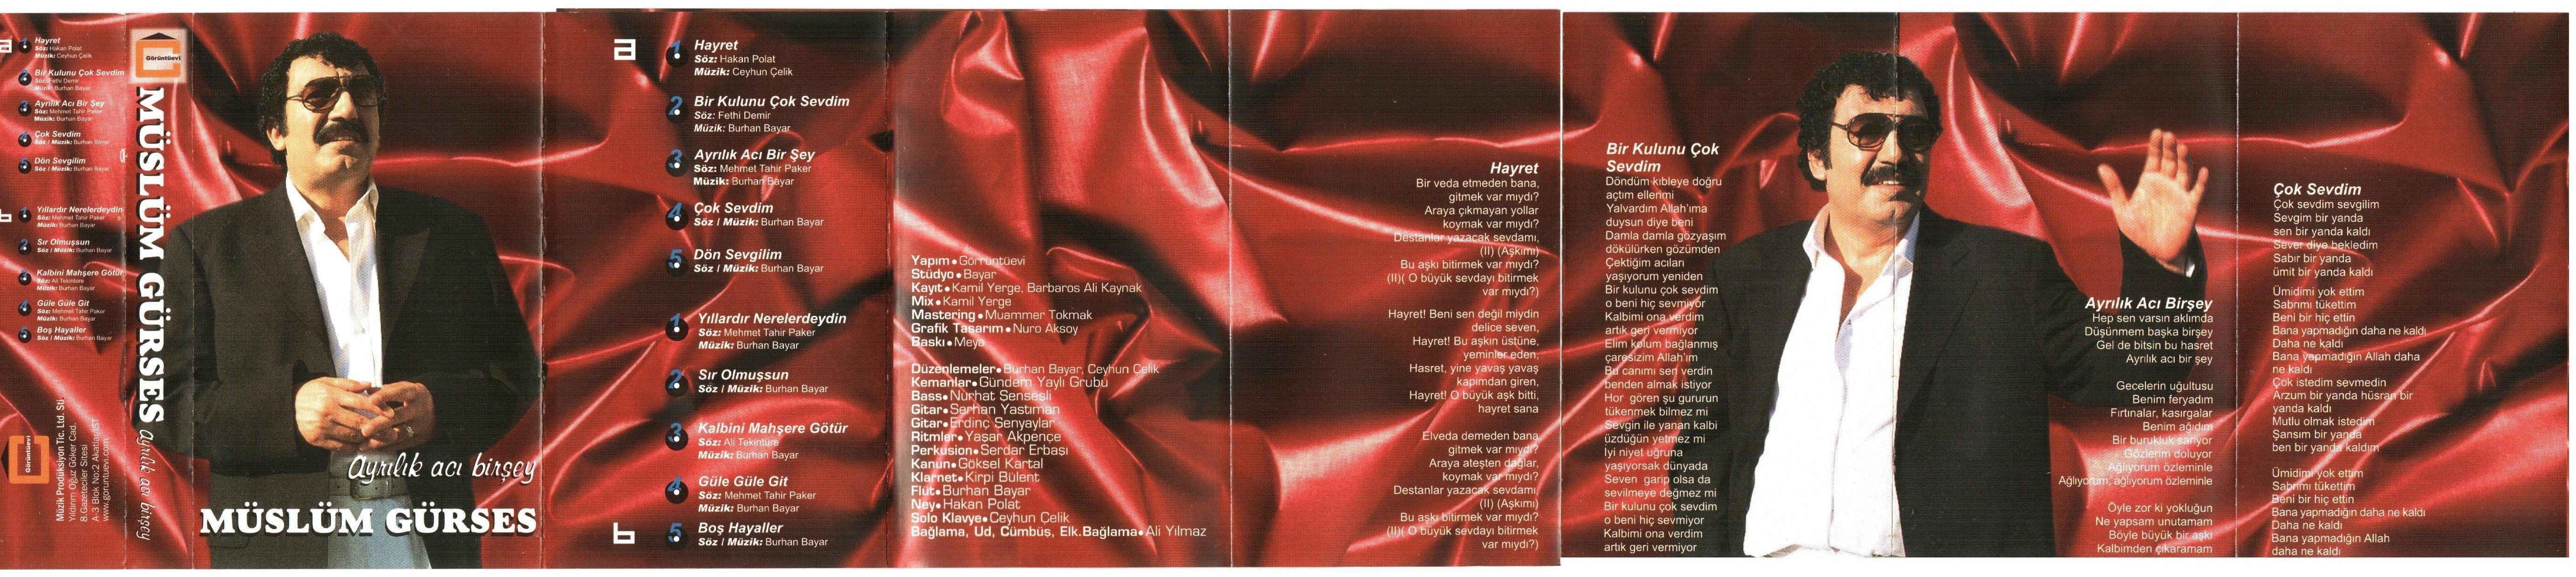 Müslüm Gürses Ayrılık Acı Birşey Albümü albüm kapağı